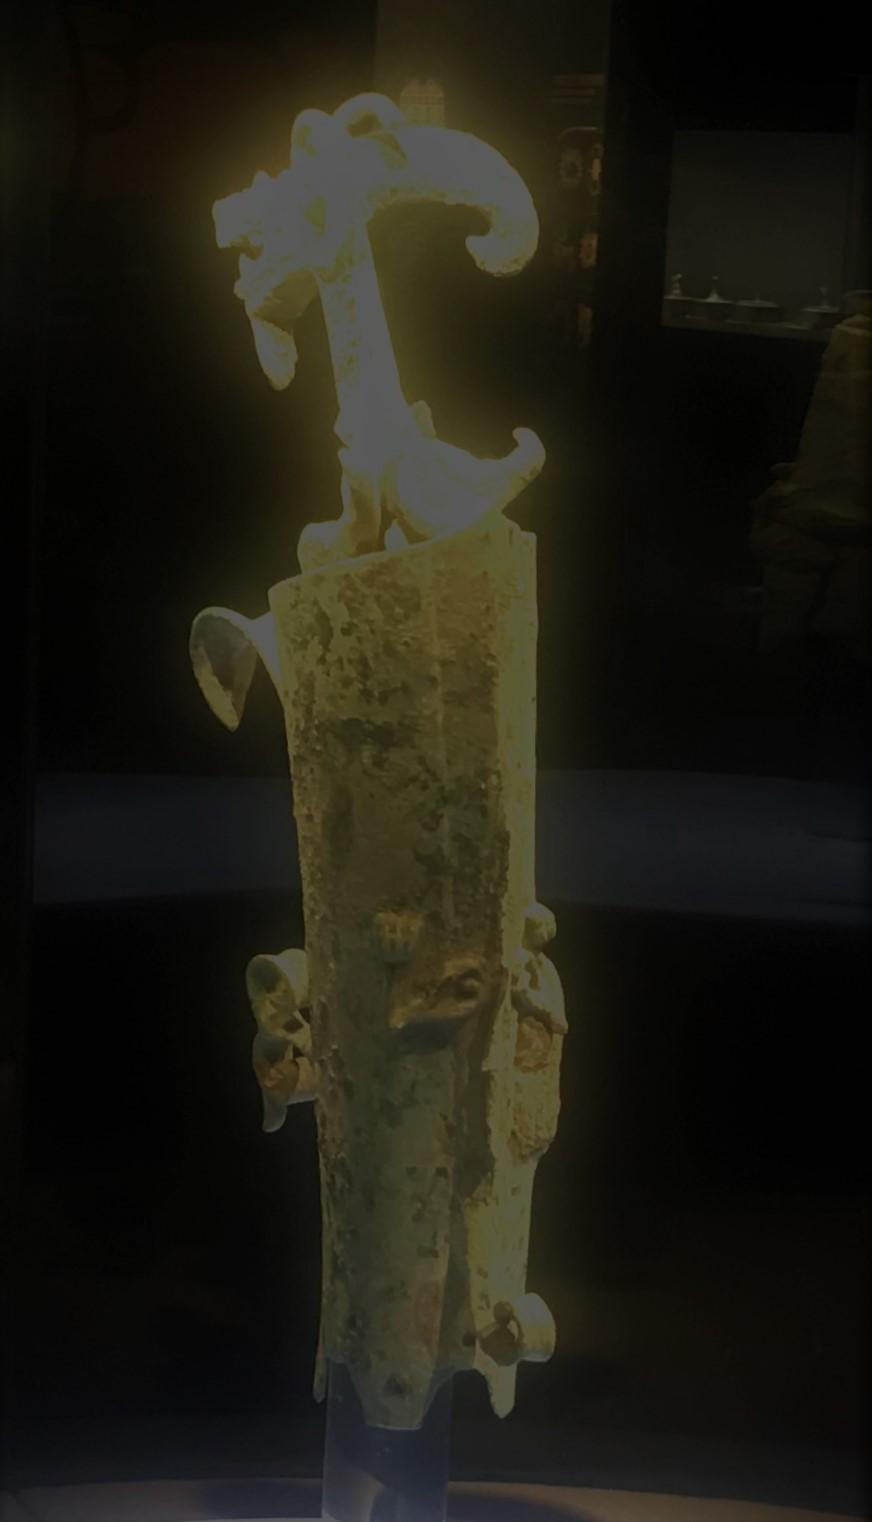 青銅立体龍形飾り-青銅器館-三星堆博物館-広漢市-徳陽市-四川省